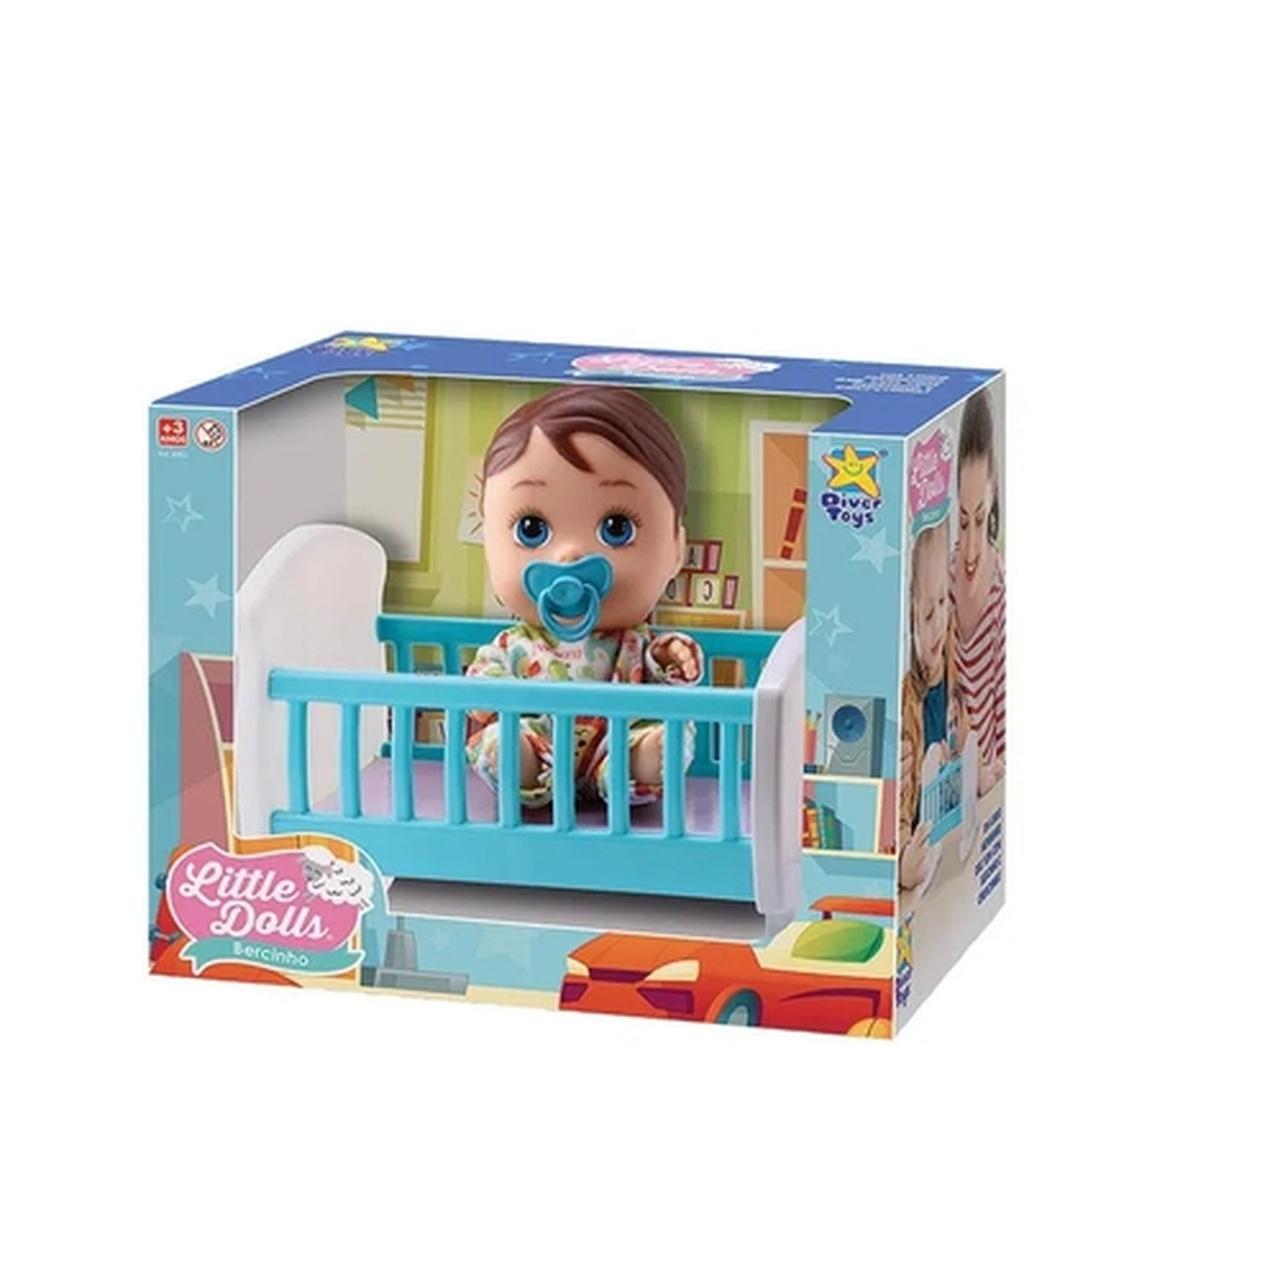 Boneca Little Dolls Bercinho Menino Divertoys - Ref.: 8071